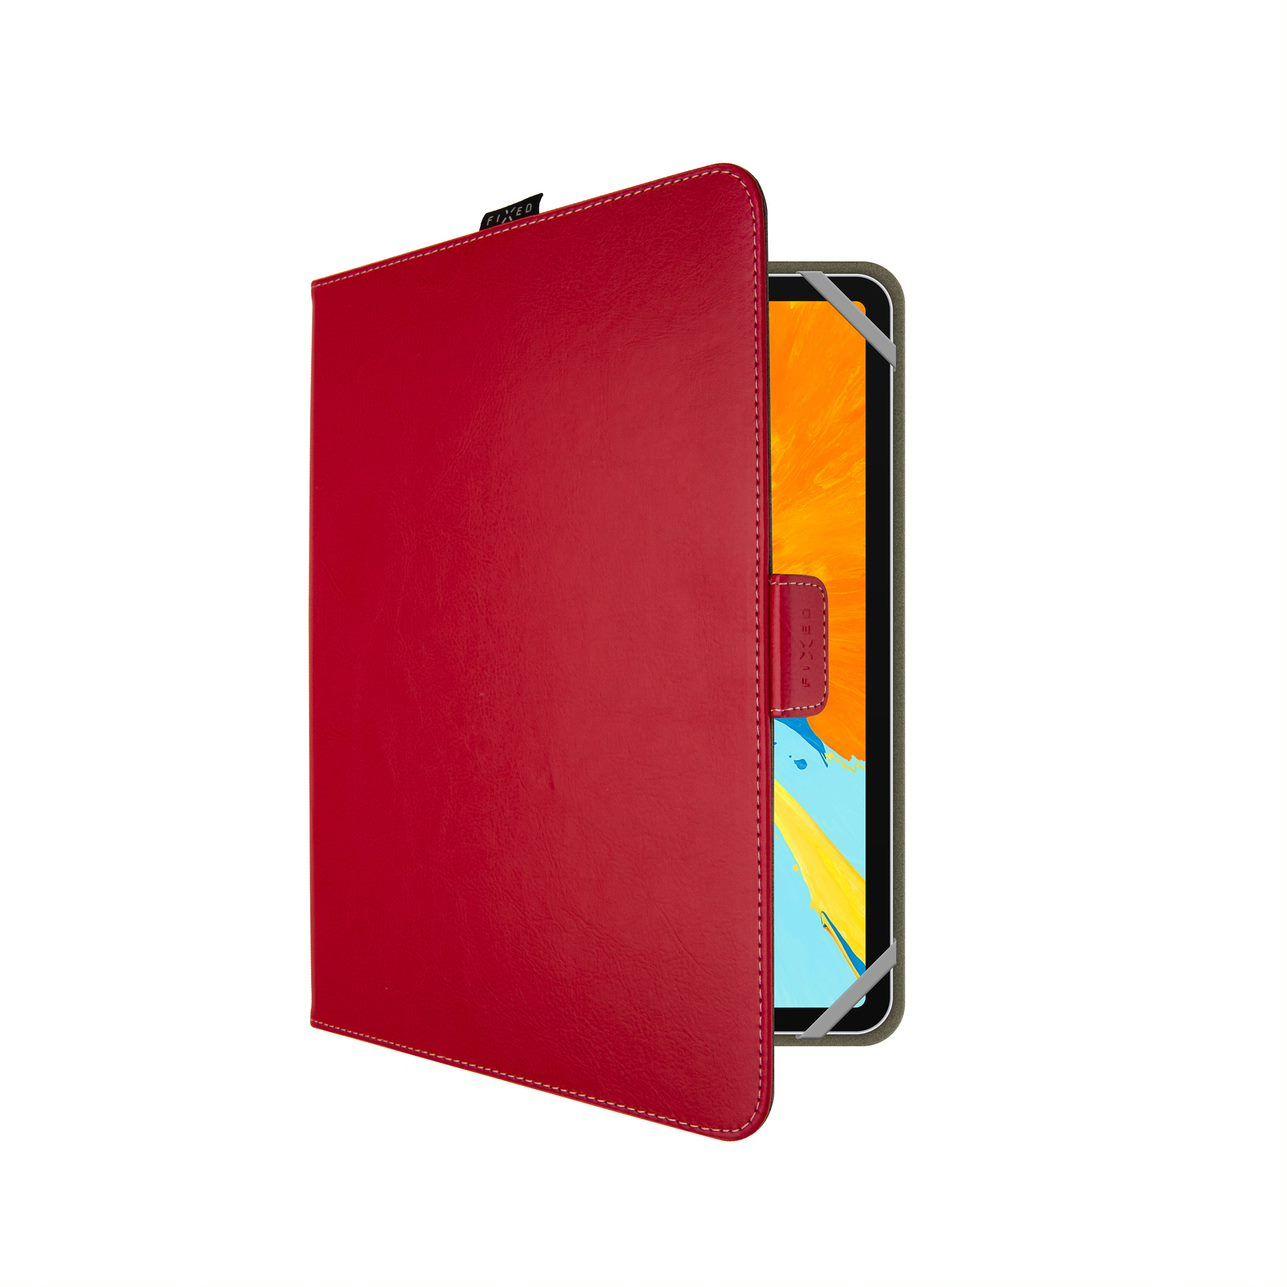 Pouzdro pro 10,1' tablety FIXED Novel, červené